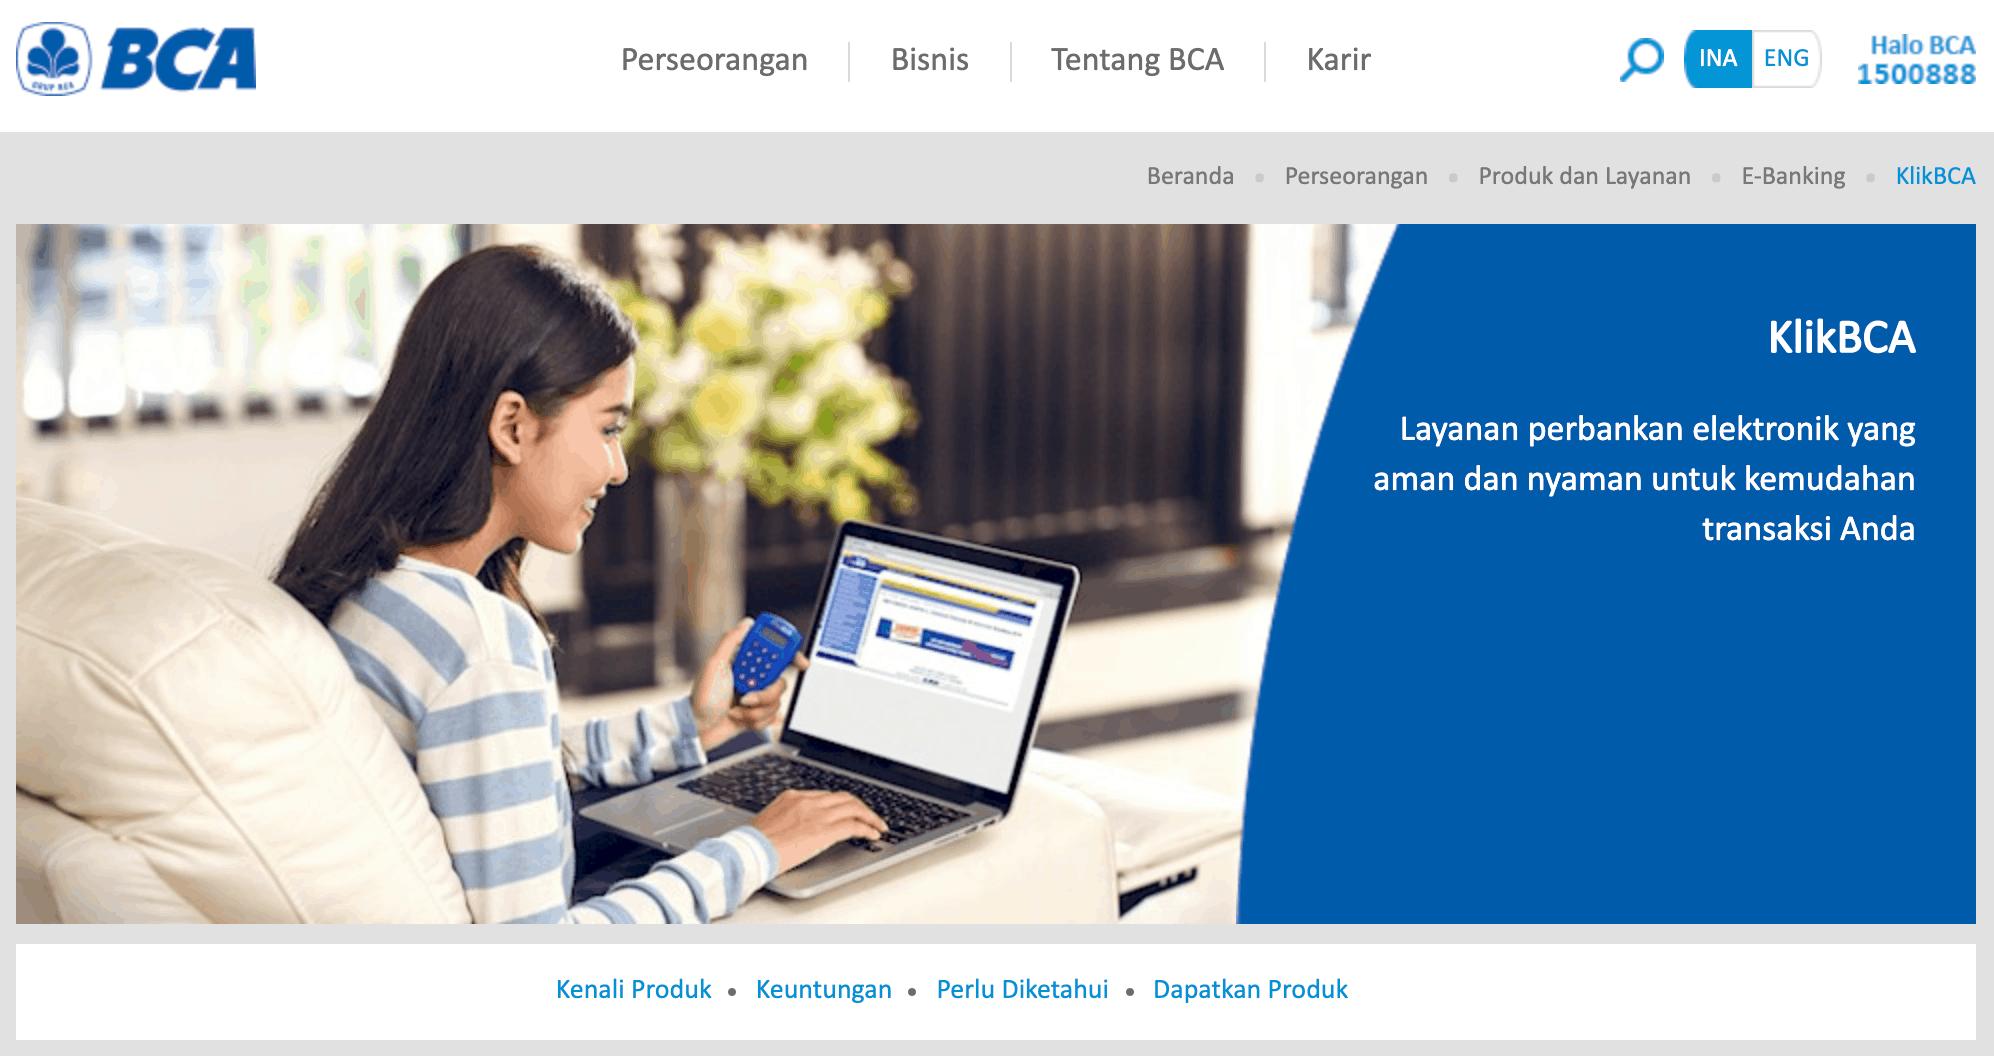 10 Fitur ibank BCA KlikBCA Internet Banking (Anda Mungkin Belum Tahu)